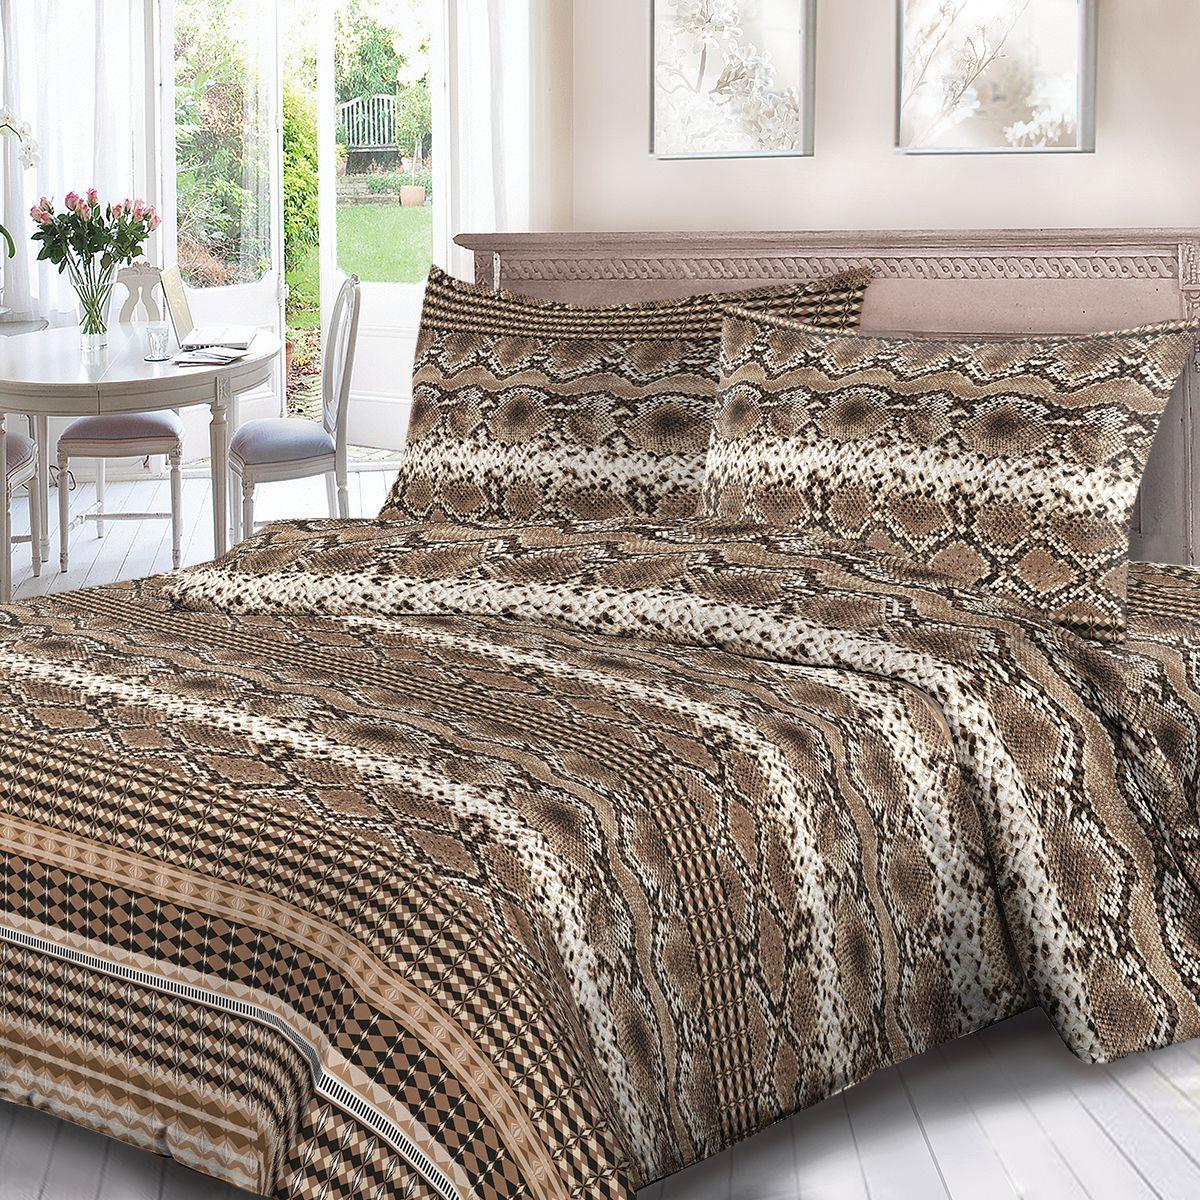 Комплект белья Для Снов Клеопатра, семейный, наволочки 70x70, цвет: коричневый. 3719-186517